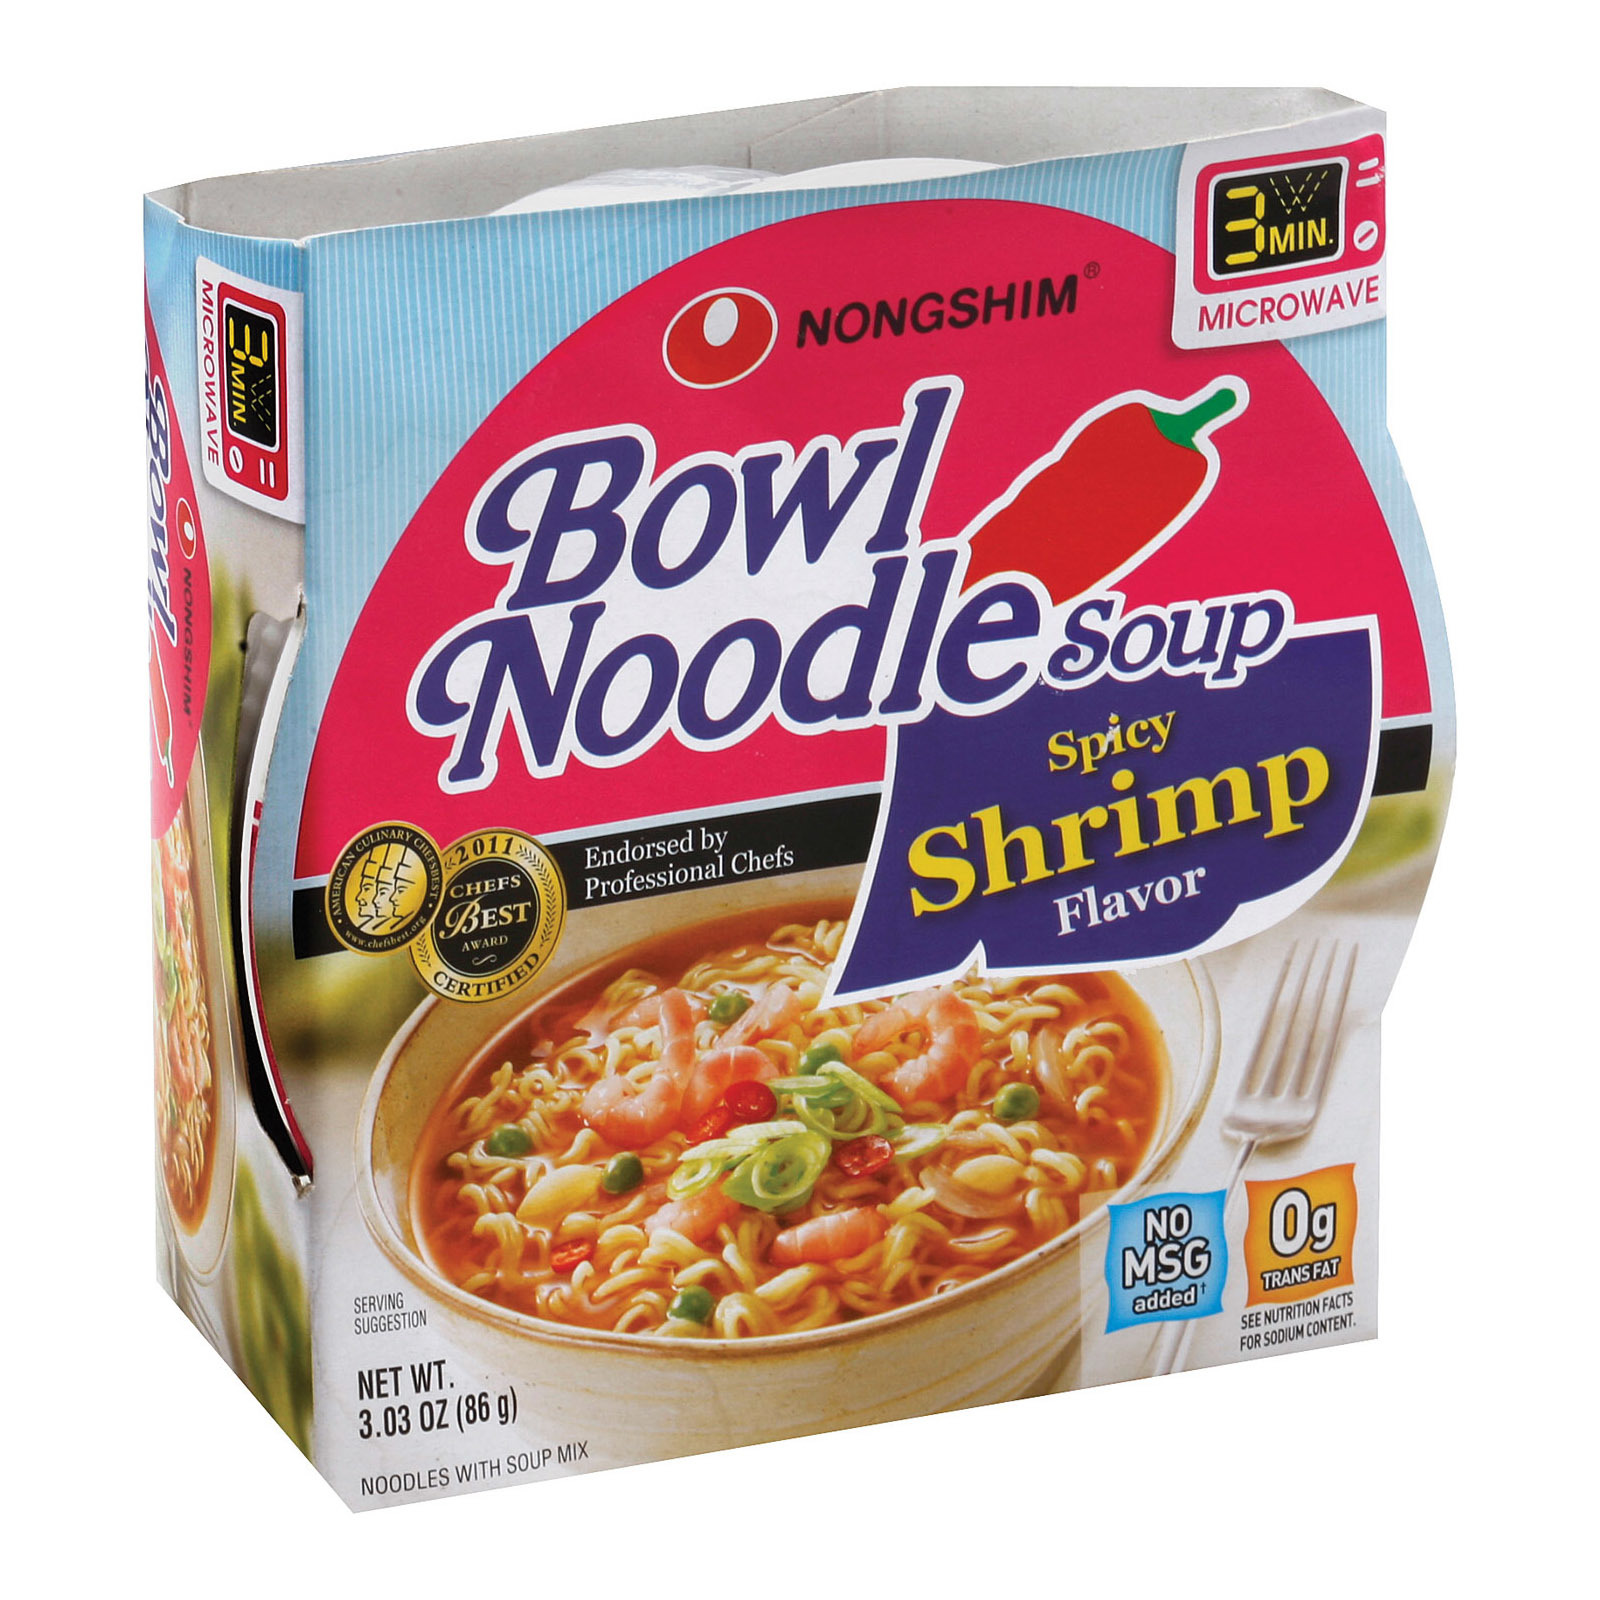 Nong Shim Spicy Shrimp Bowl - Noodle Soup - Case of 12 - 3.03 oz.